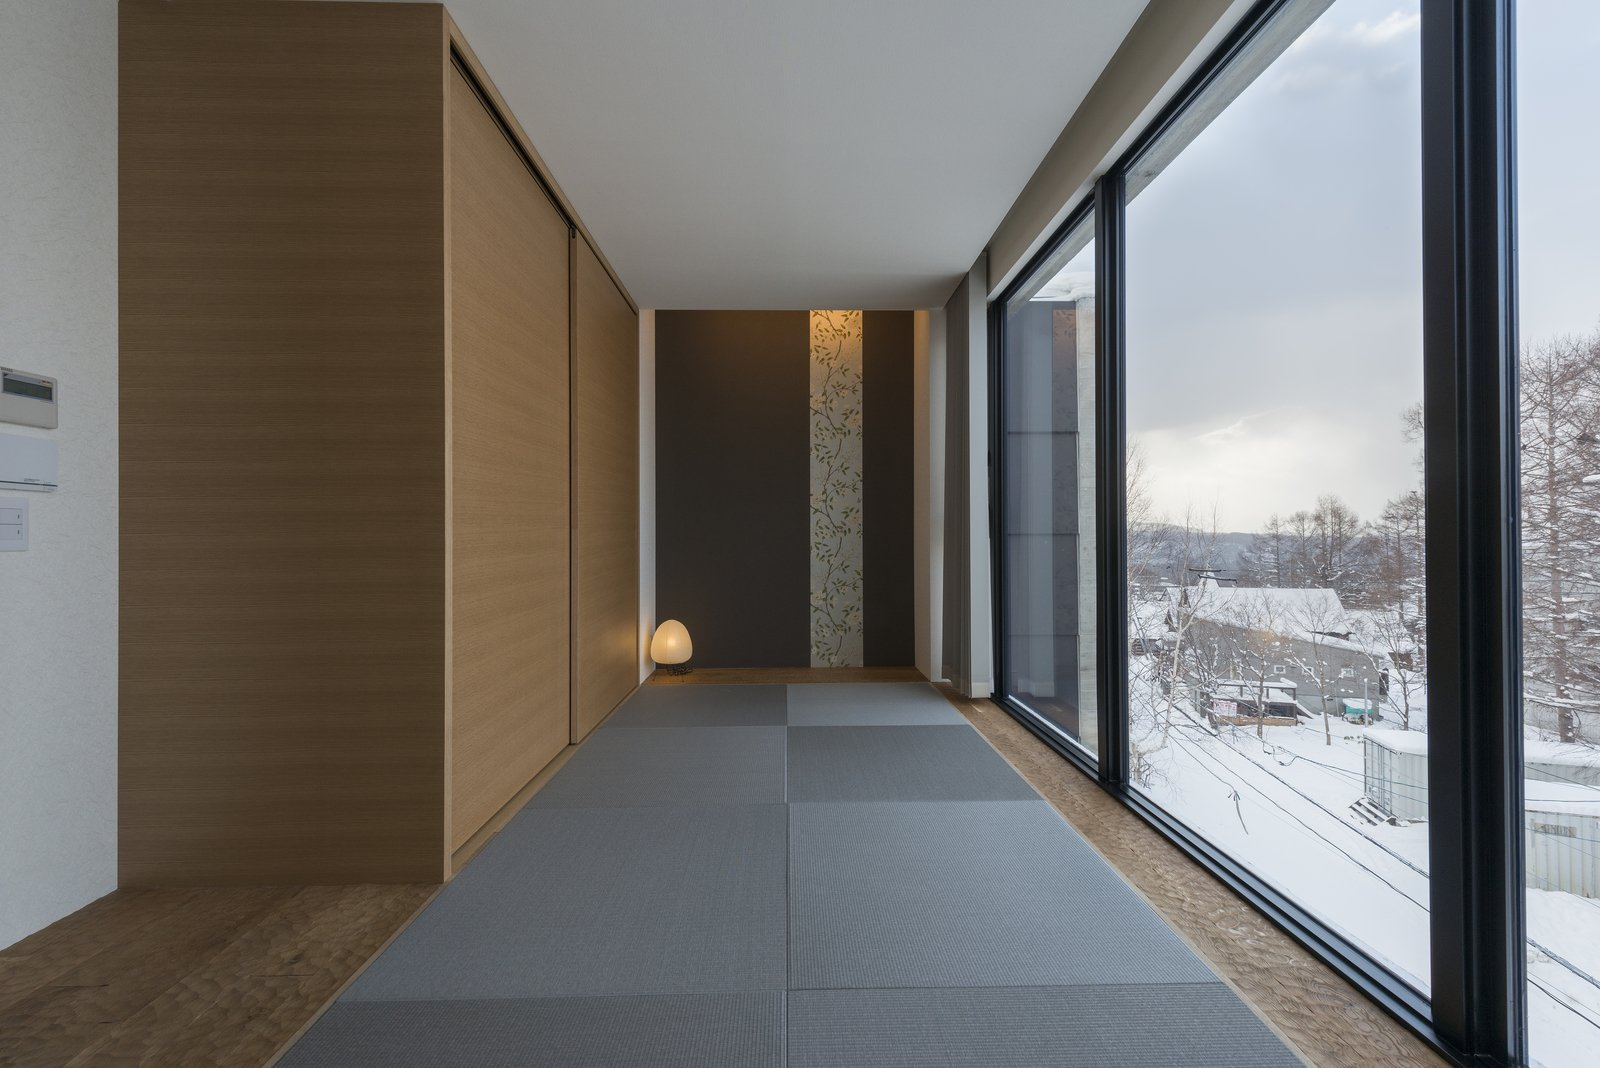 Koz penthouse tatami room large